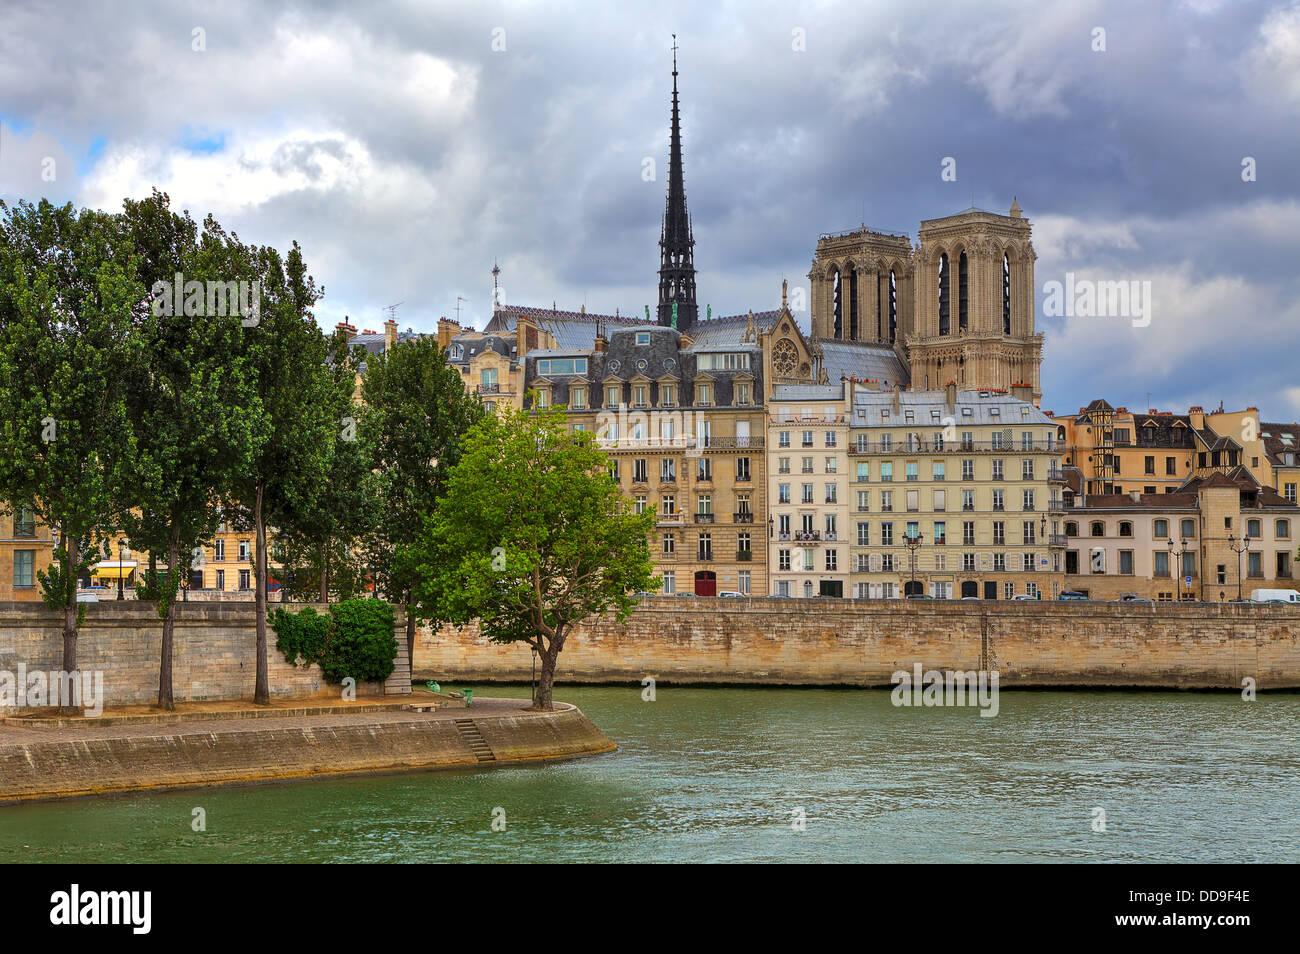 Kathedrale Notre Dame de Paris unter typischen Paris Gebäuden entlang Seineufer in Paris, Frankreich. Stockfoto